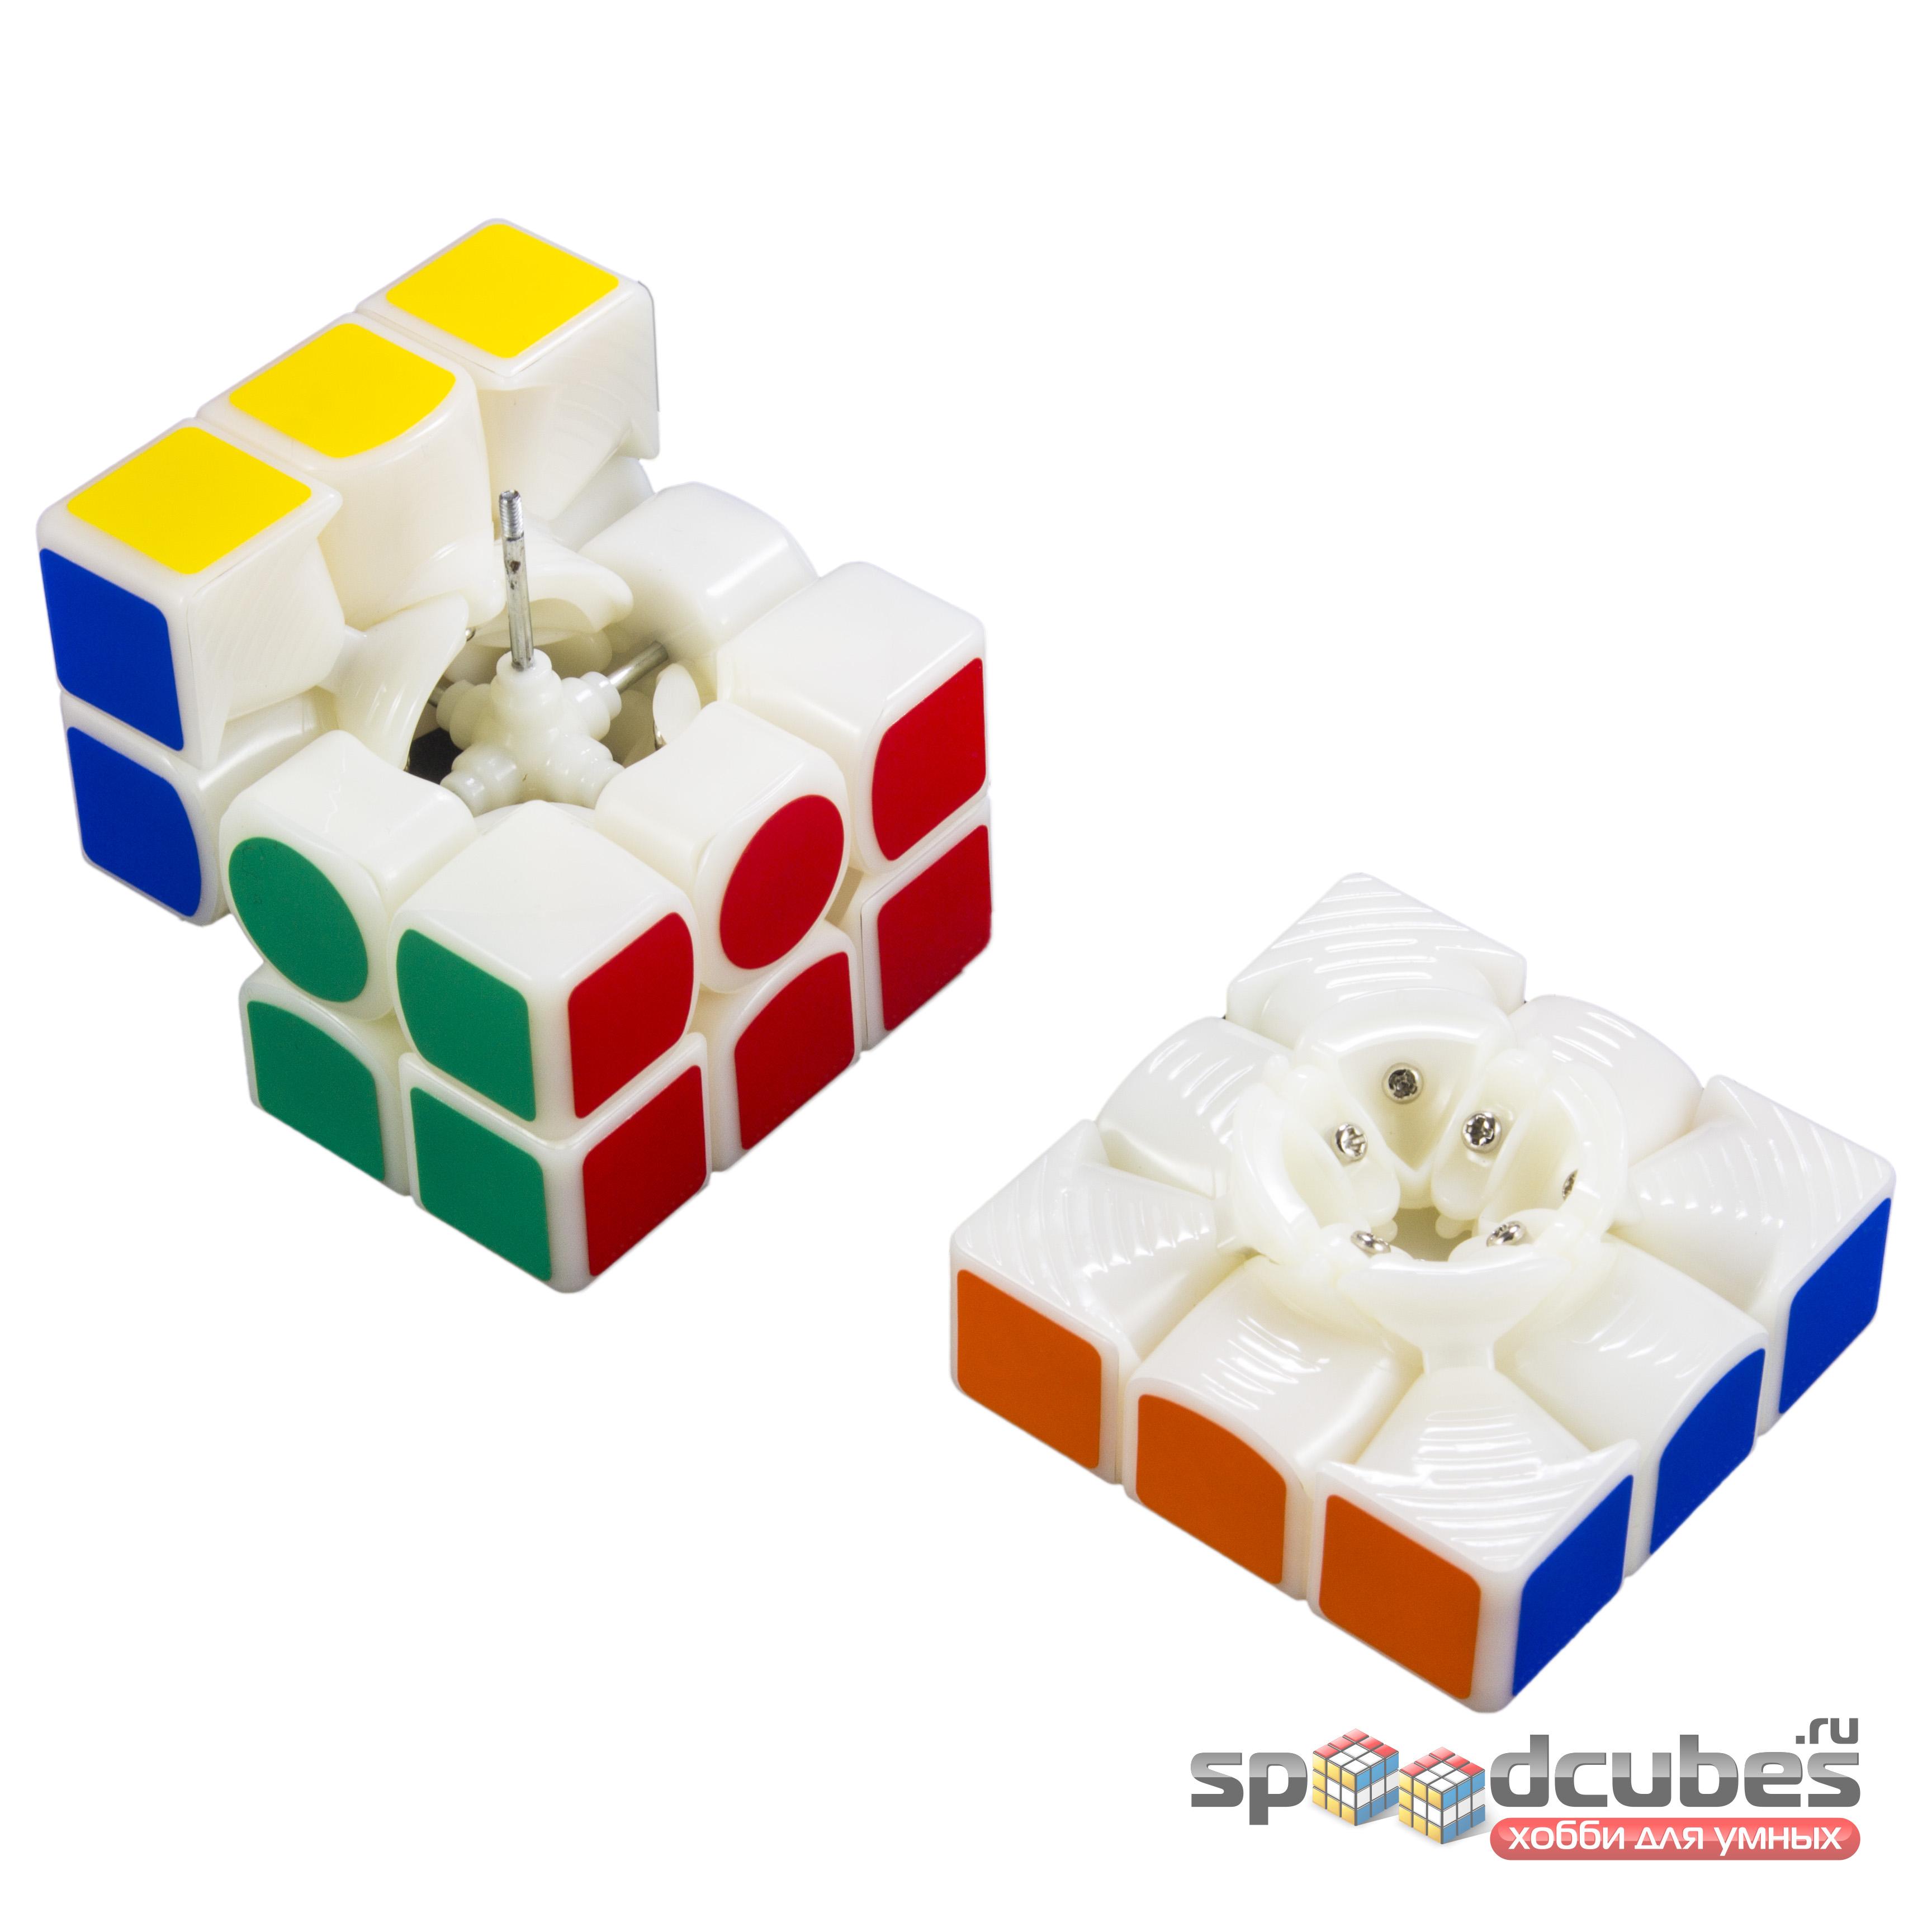 Gan 356s Lite 3x3x3 Primary 4